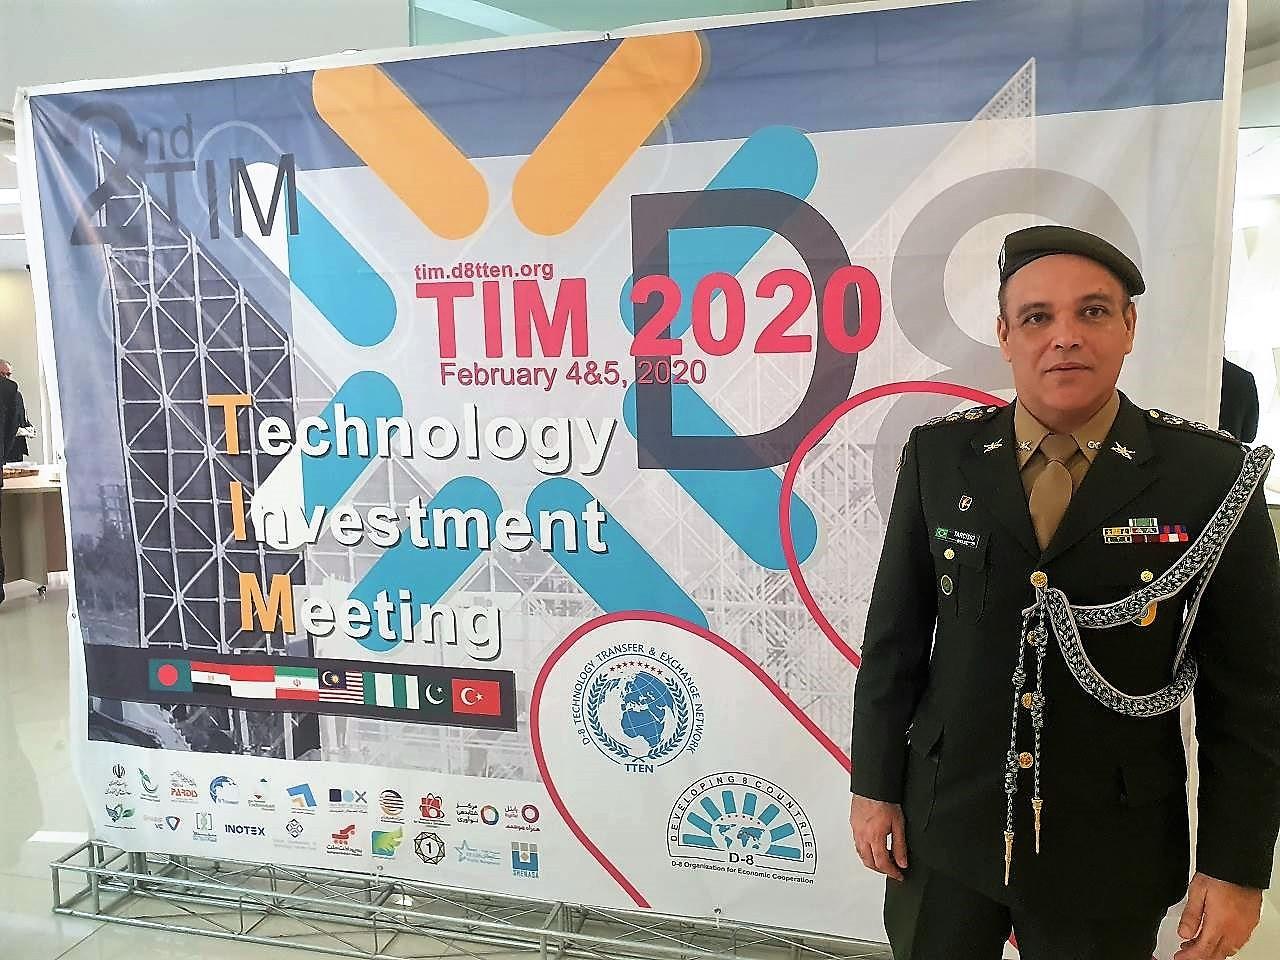 Aditância Militar Brasileira no Irã participa da 2ª Reunião de Investimentos em Tecnologia